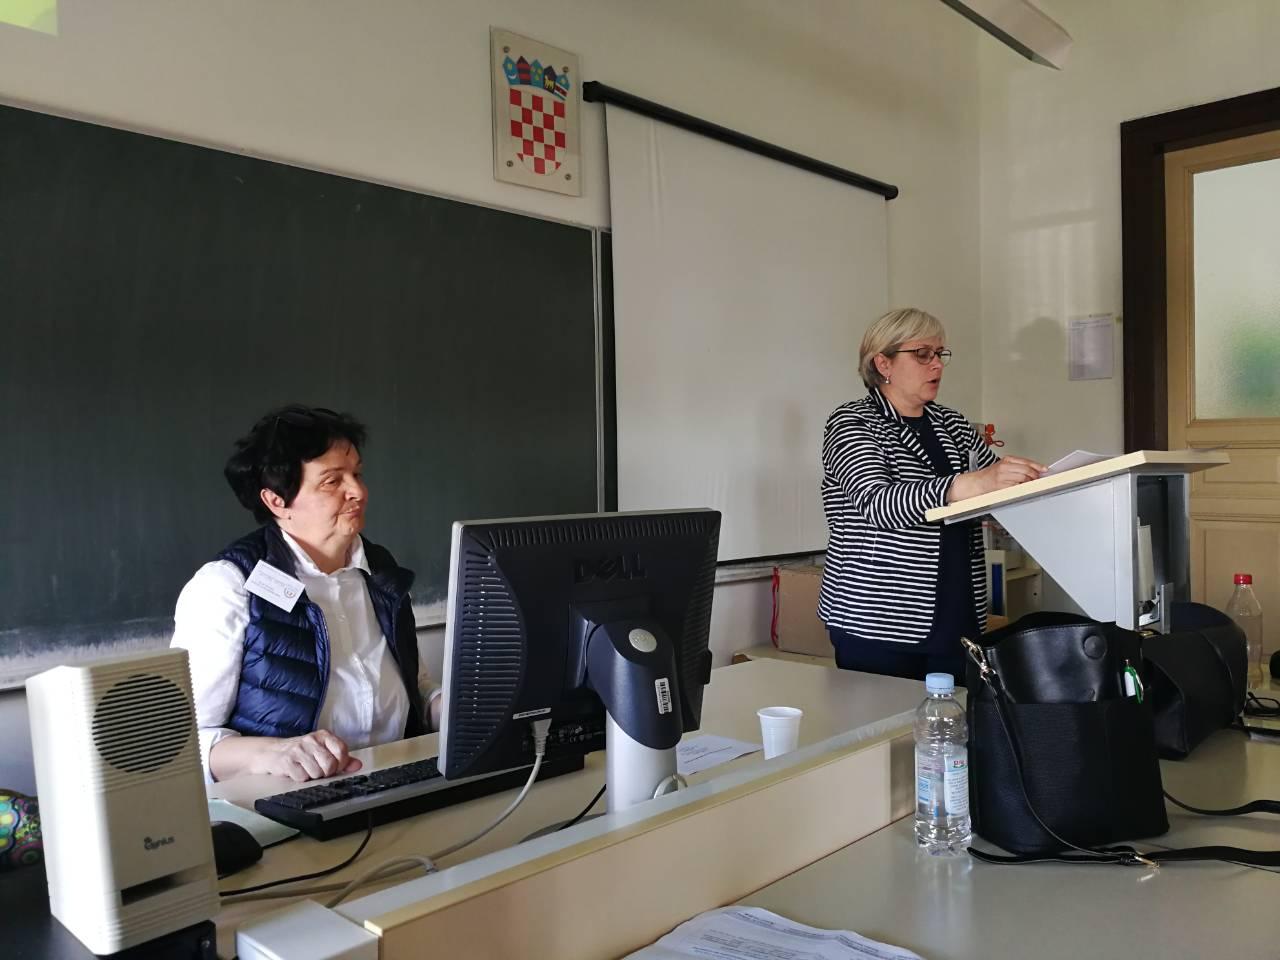 """Projekt skupine Lavići """"Svi smo mi različiti i to nas obogaćuje"""" predstavljen na Danima predškolskog odgoja """"Zajedno rastemo"""""""